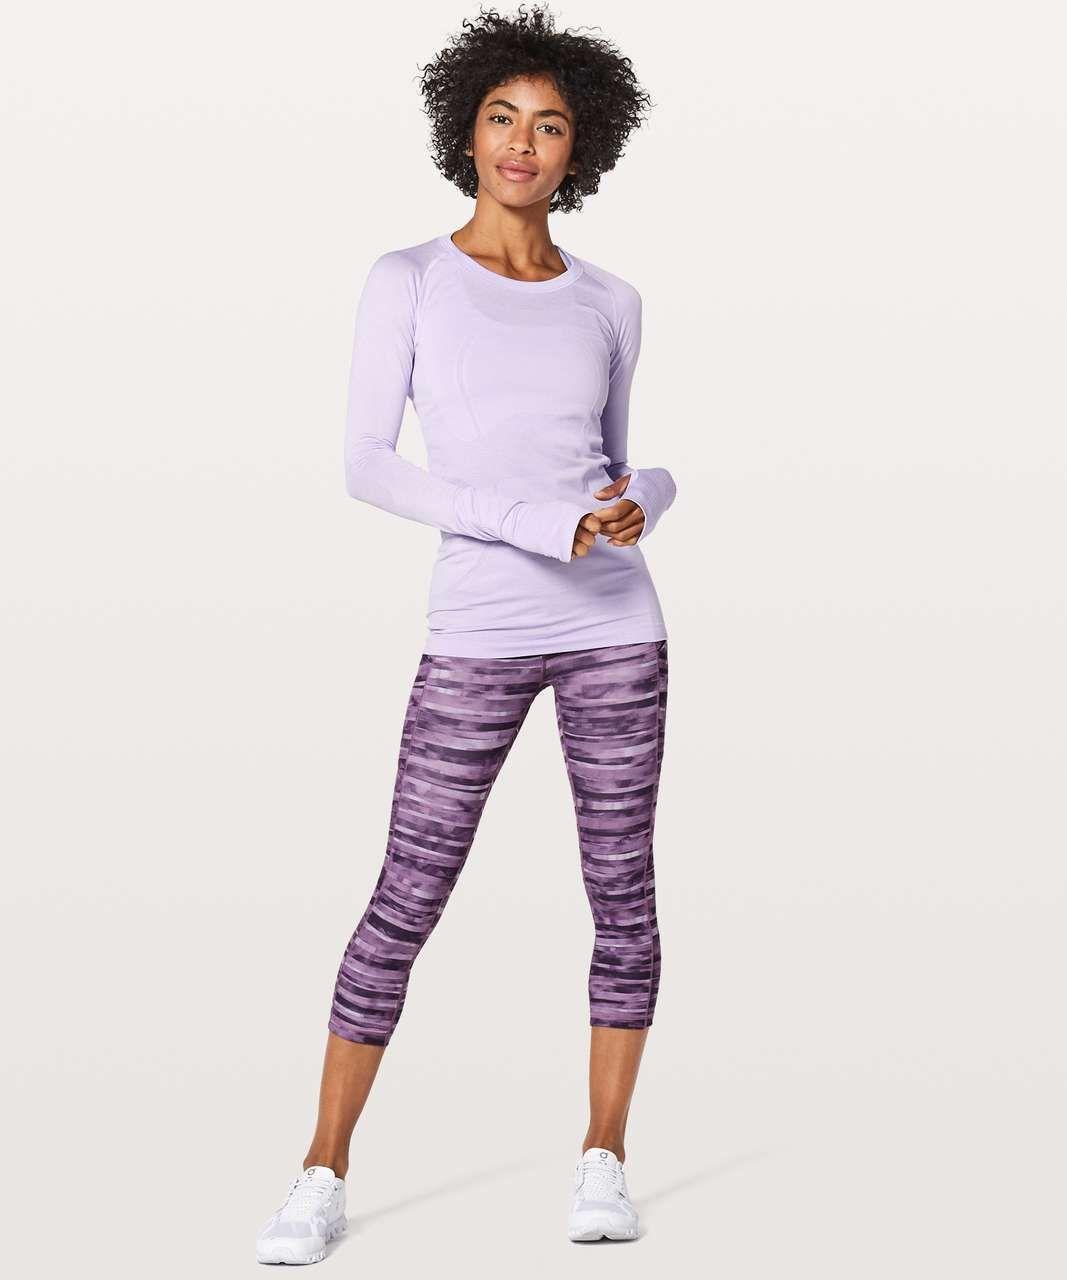 fb3ca1b23 Lululemon Swiftly Tech Long Sleeve Crew - Sheer Violet   Sheer Violet